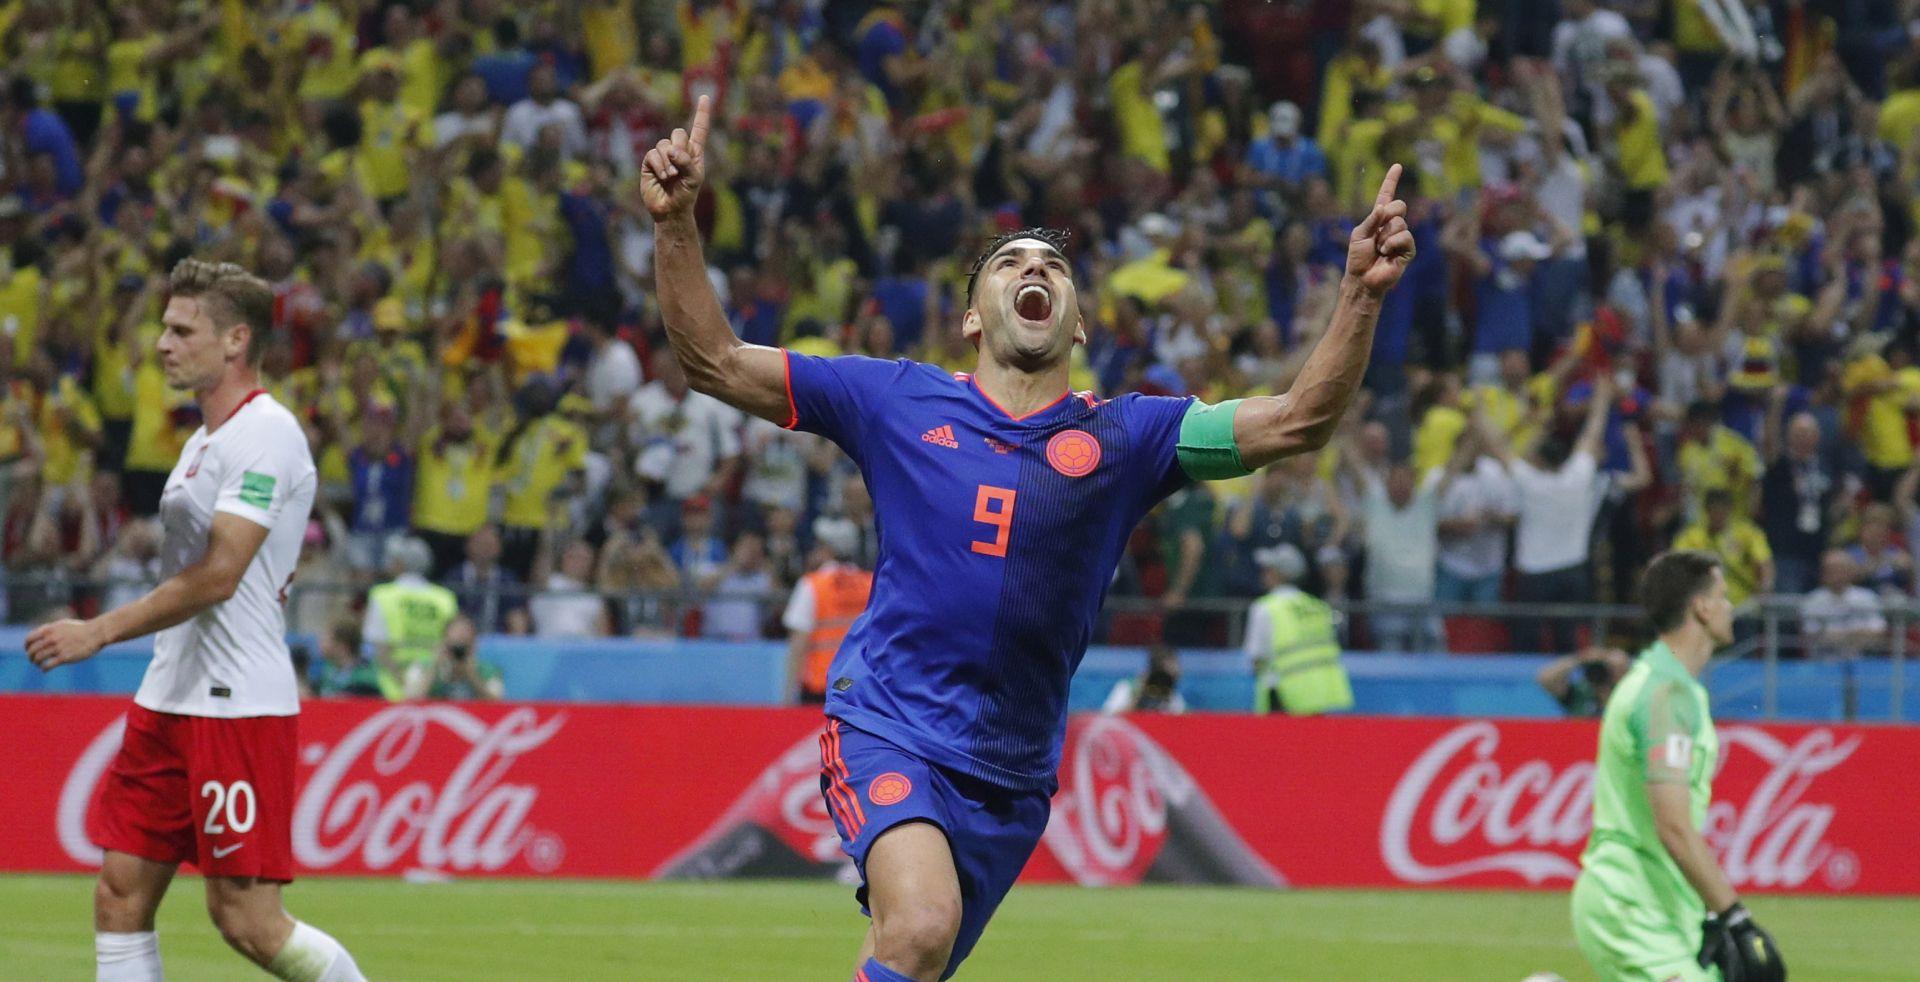 Kolumbija pobjedom izbacila Poljake sa SP-a